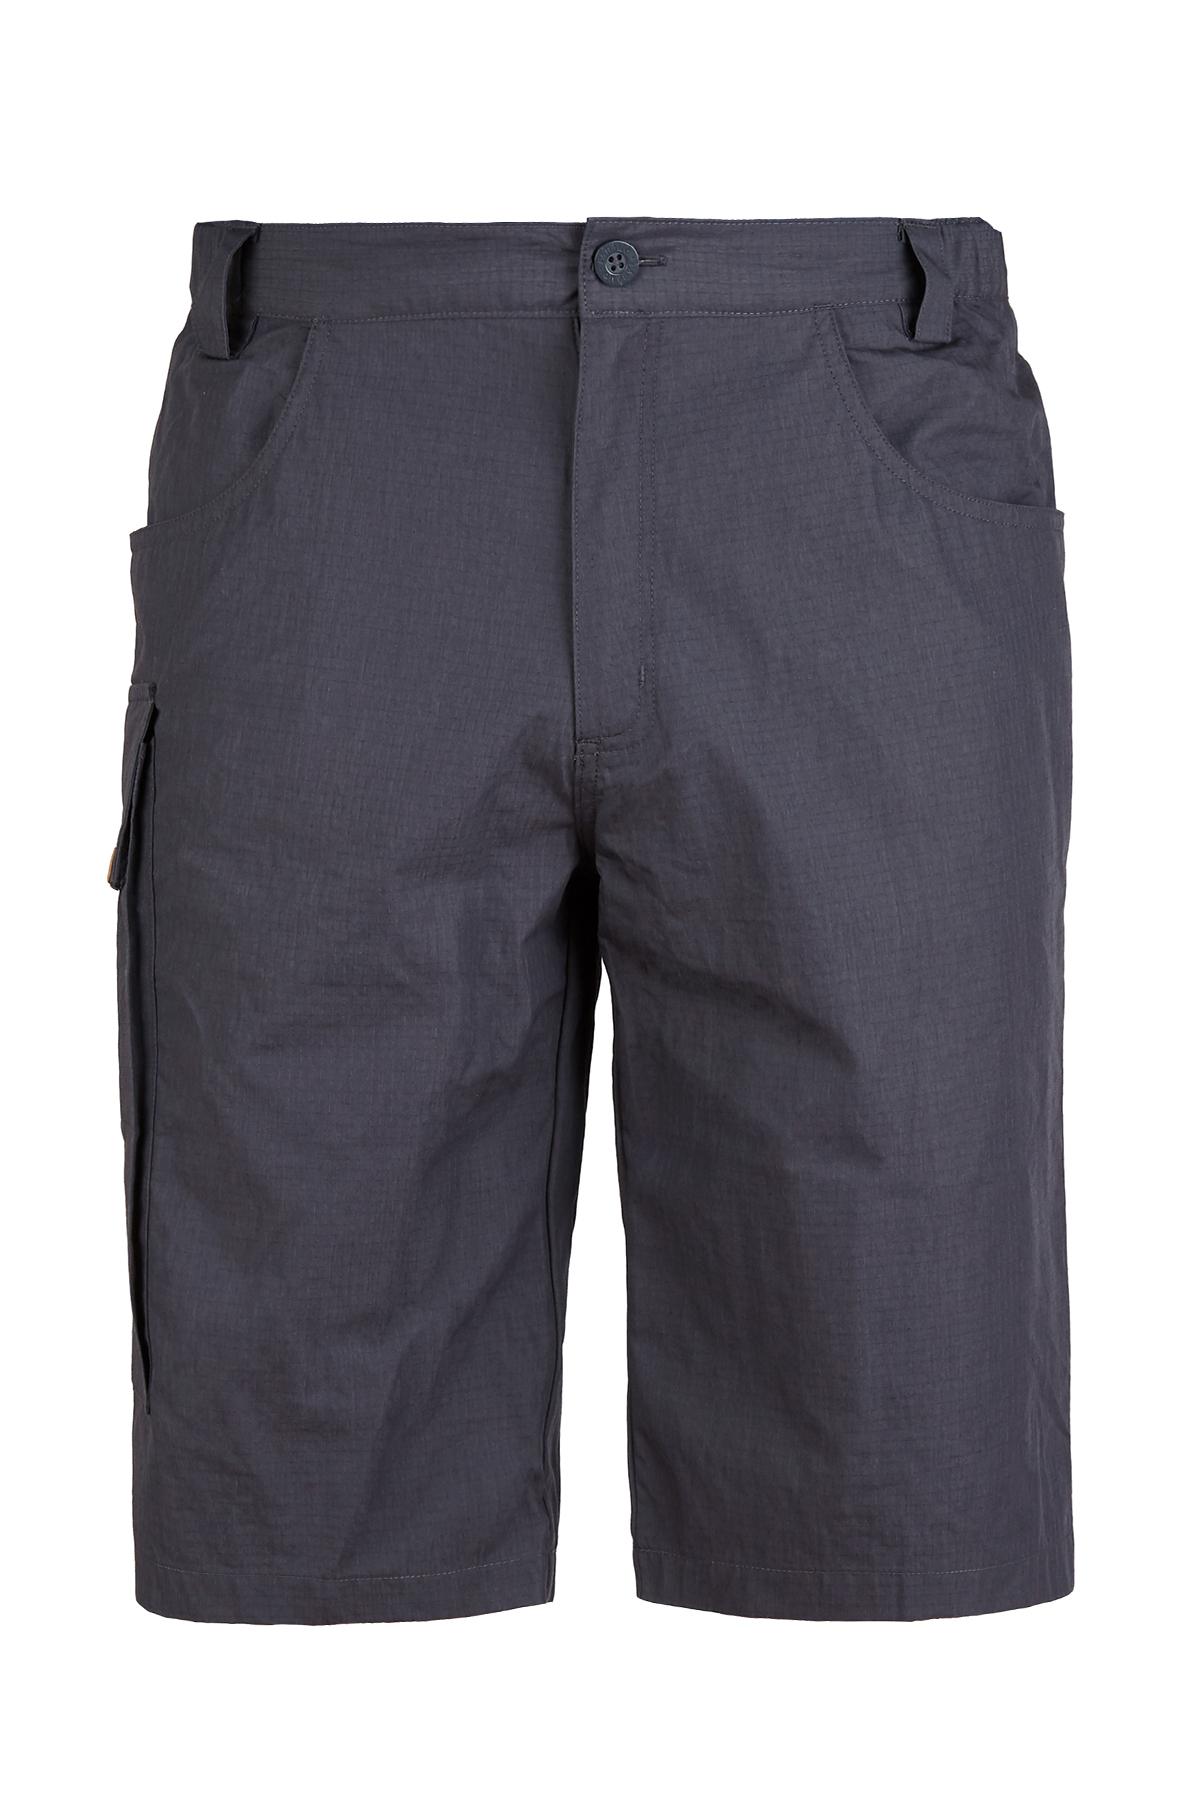 Paramo Men's Maui Shorts